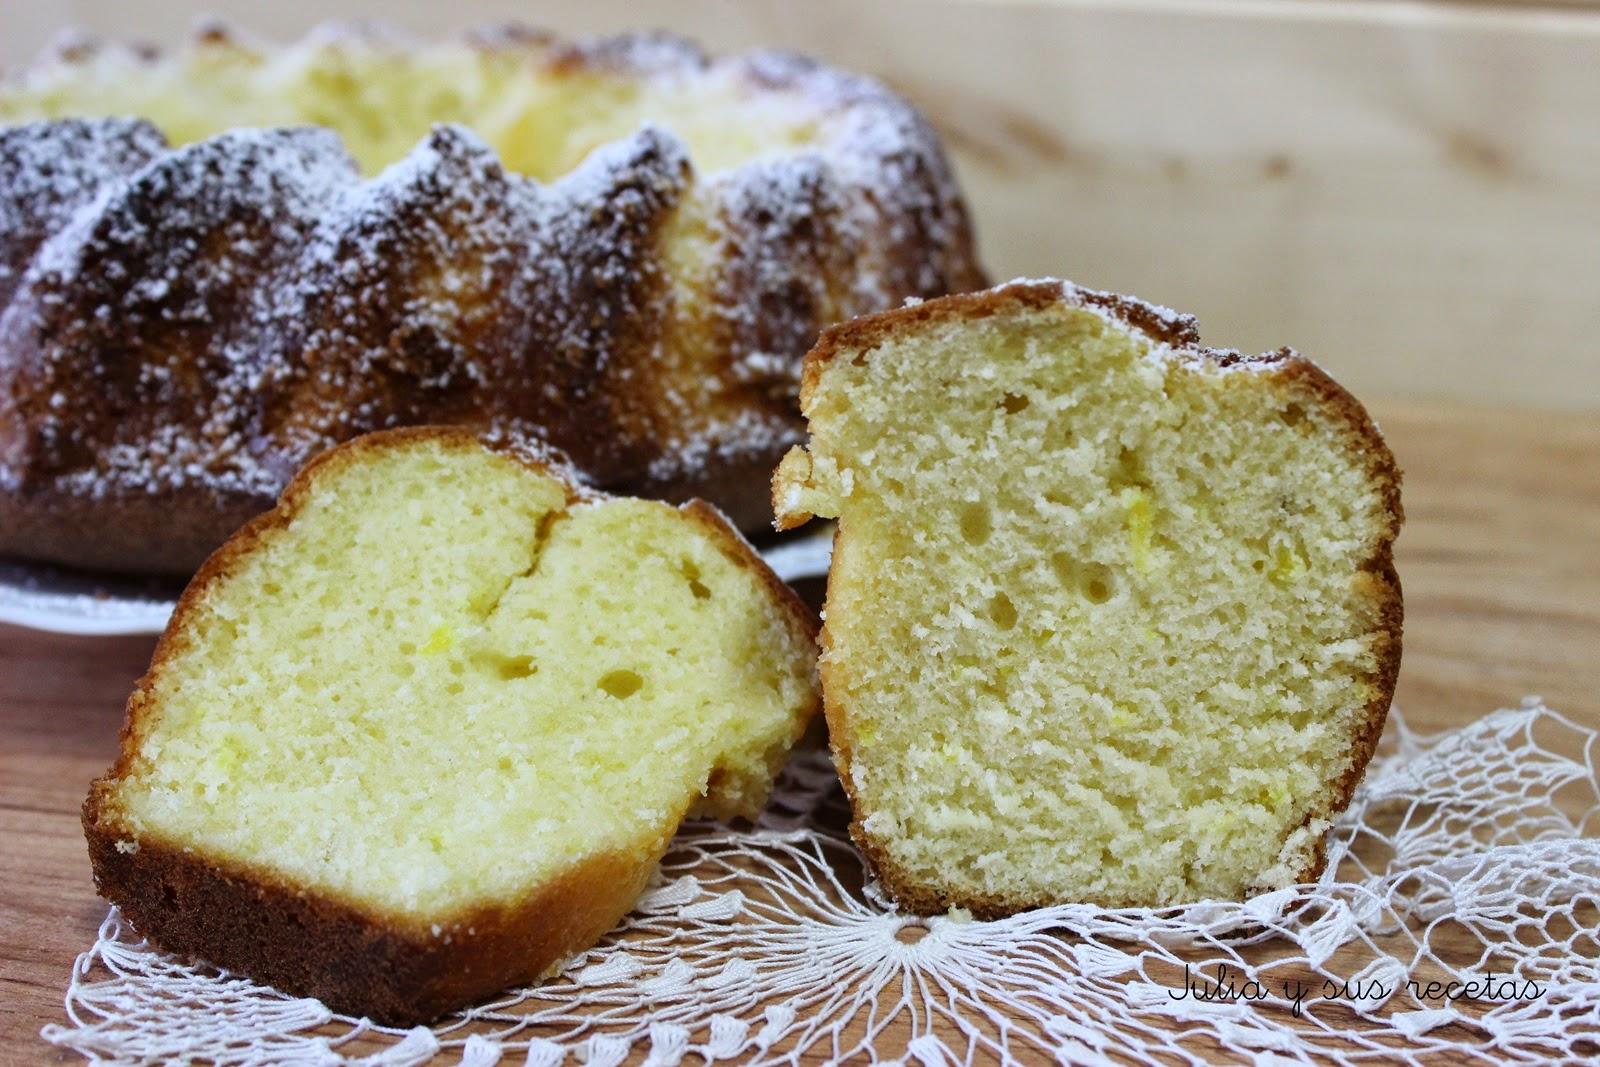 Bizcocho de queso crema y limón. Julia y sus recetas